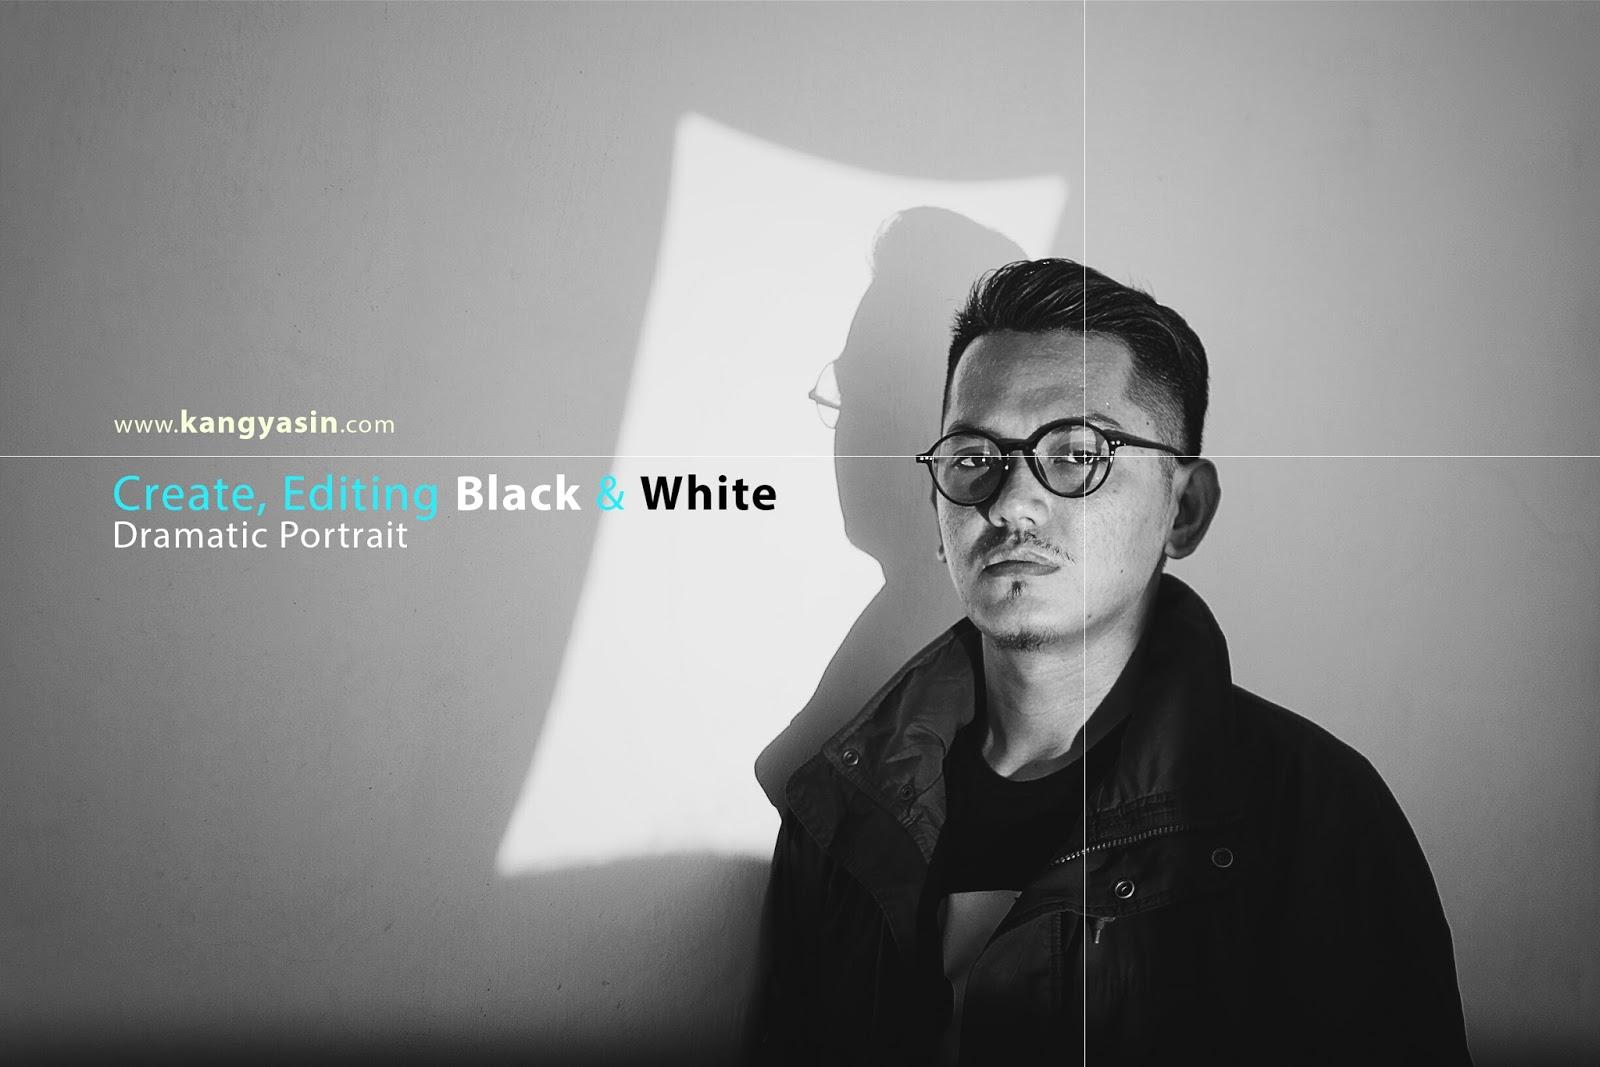 Kang yasin membuat dan editing foto portrait black and white dramatic